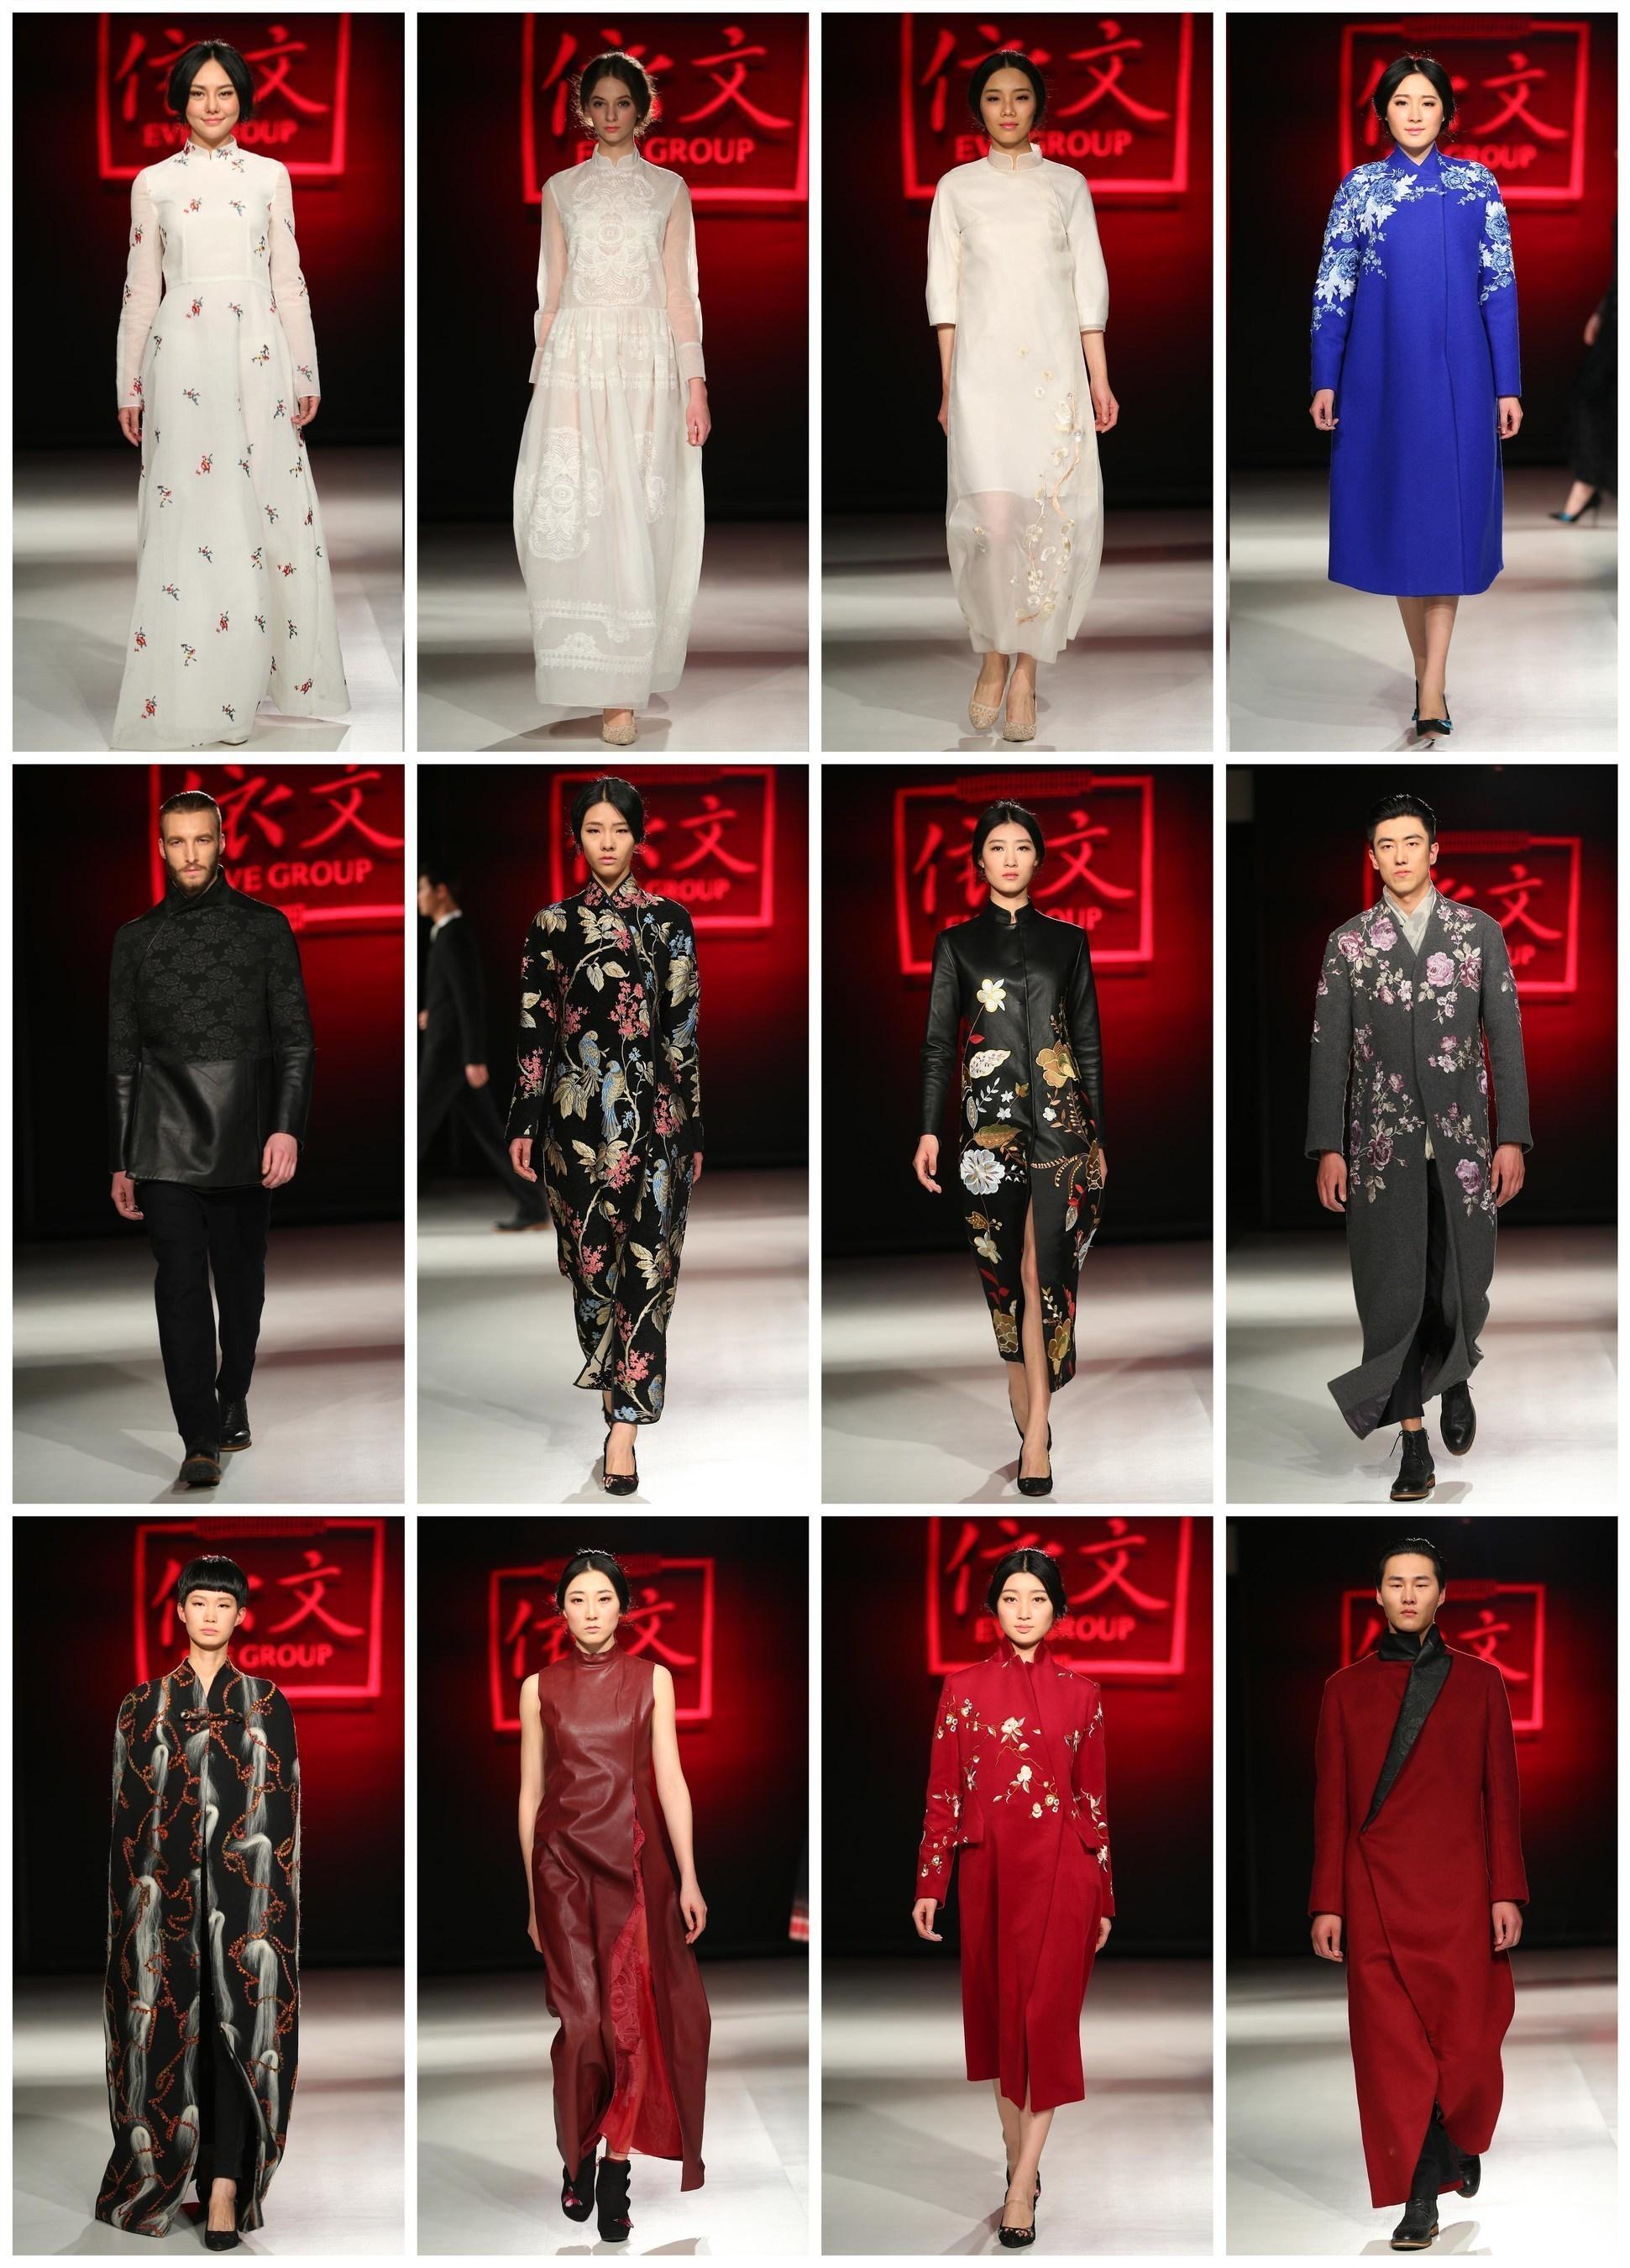 Eve Group éblouit lors de la Mercedes-Benz China Fashion Week